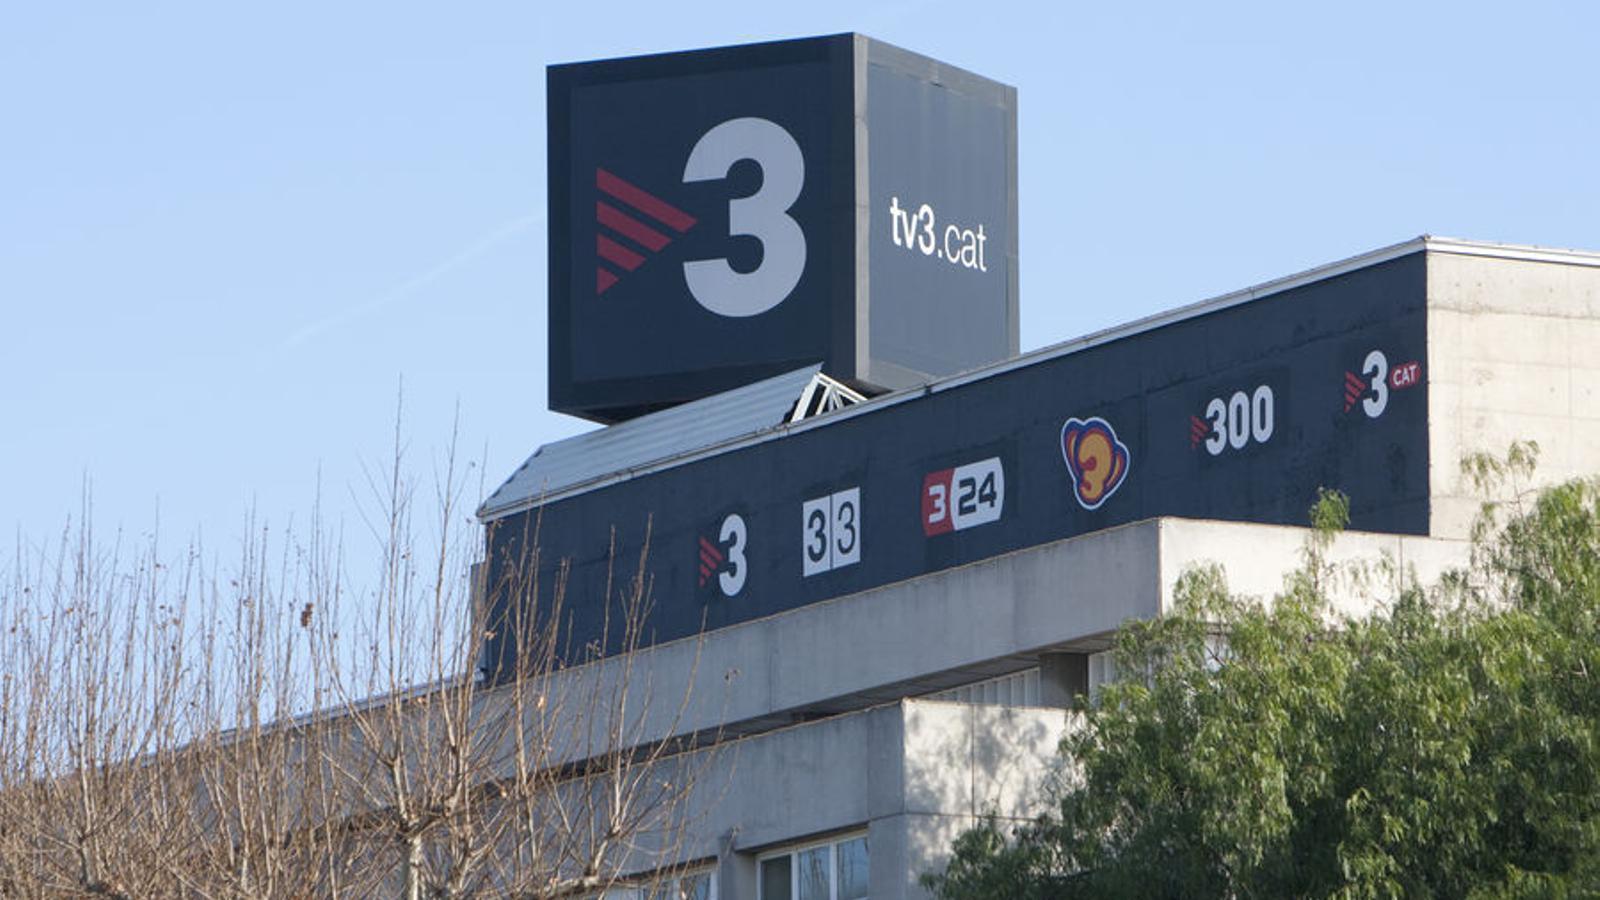 TV3 ha vist reduïda la seva oferta de canals els darrers anys